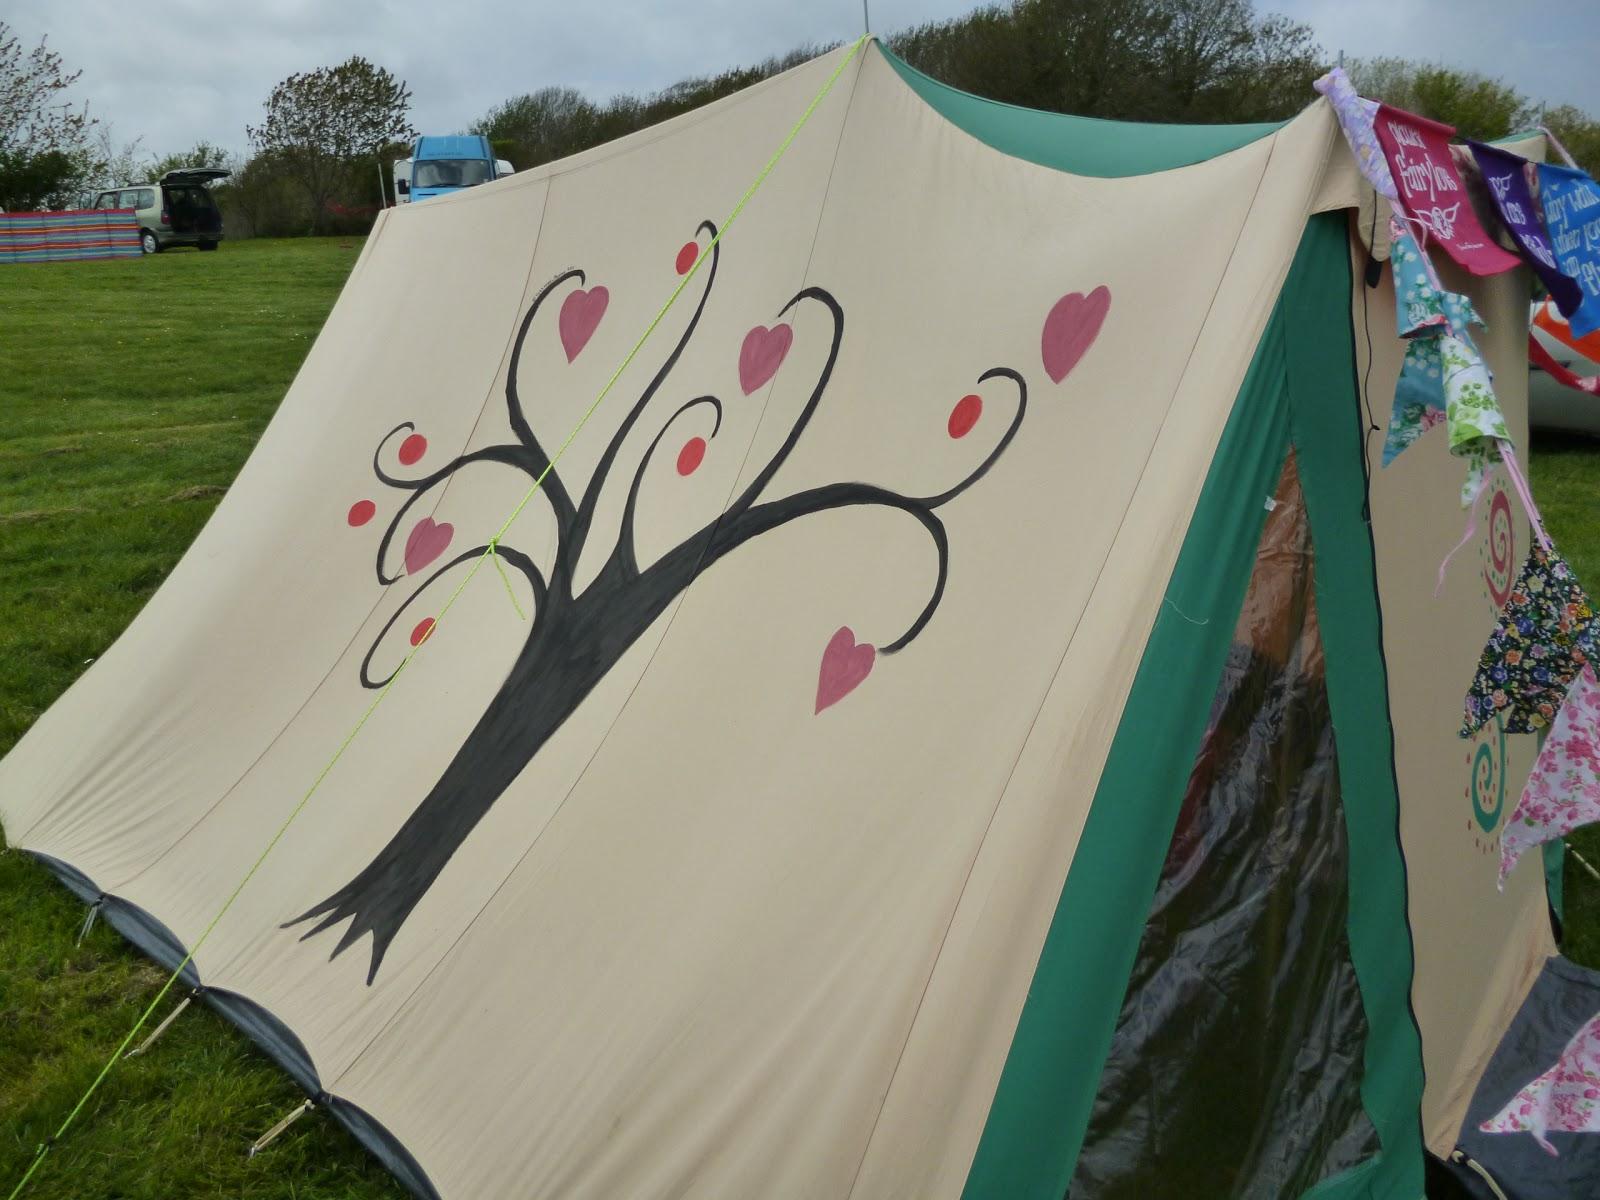 bari 3 tent hand painted